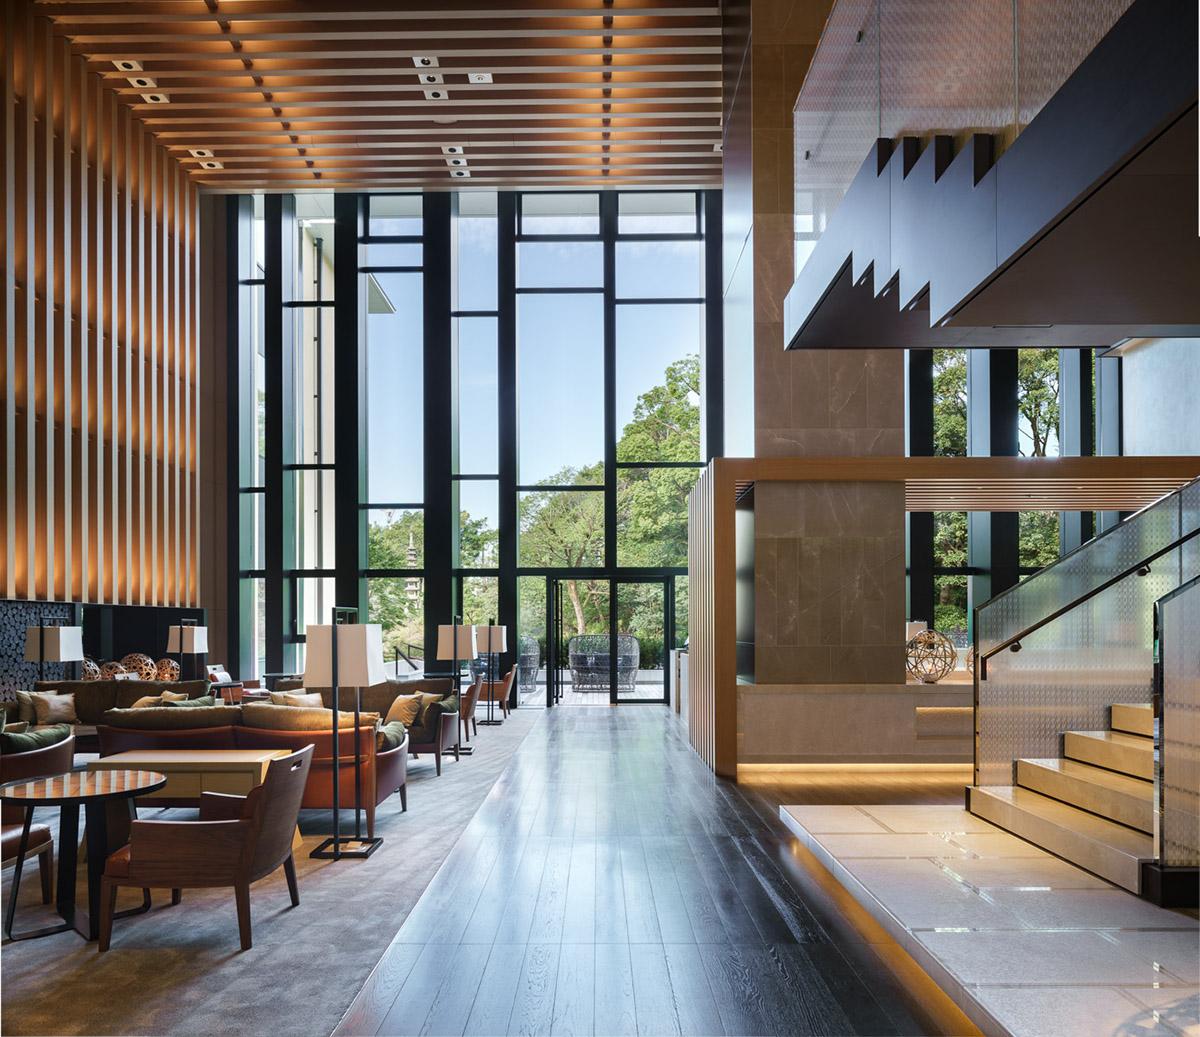 brasserie in four seasons hotel kyoto kokaistudios on